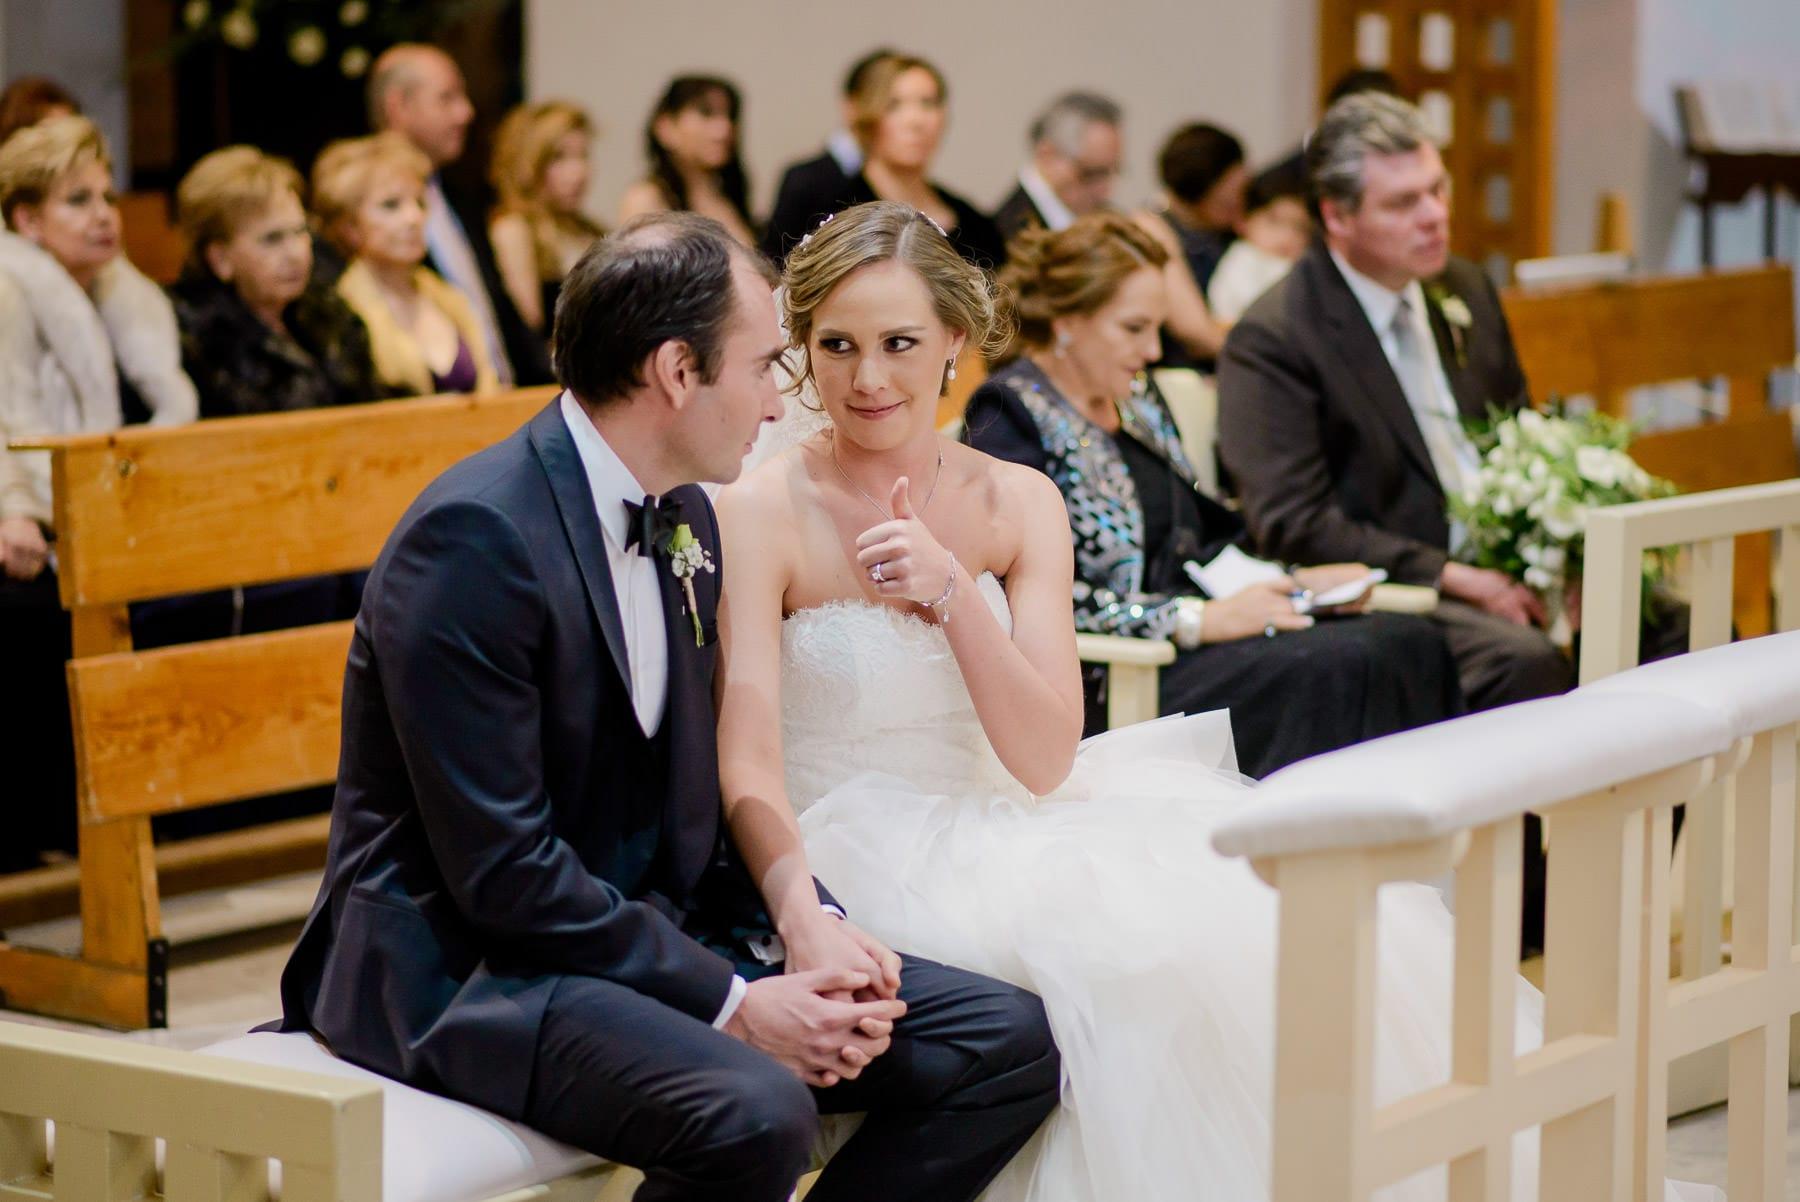 fotografo-de-bodas-en-queretaro-35